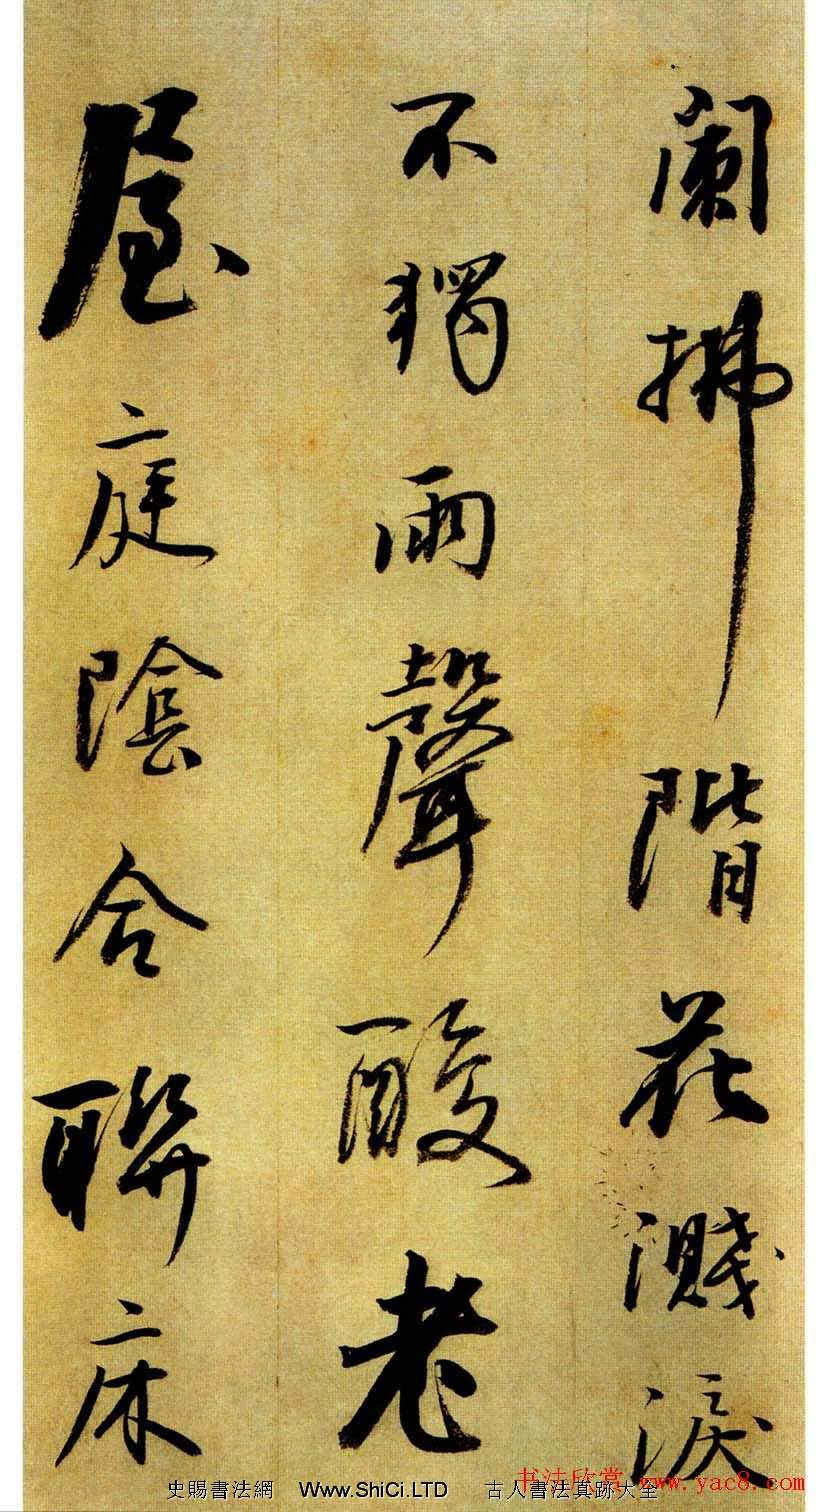 清代書法家鐵保《自序詩稿》